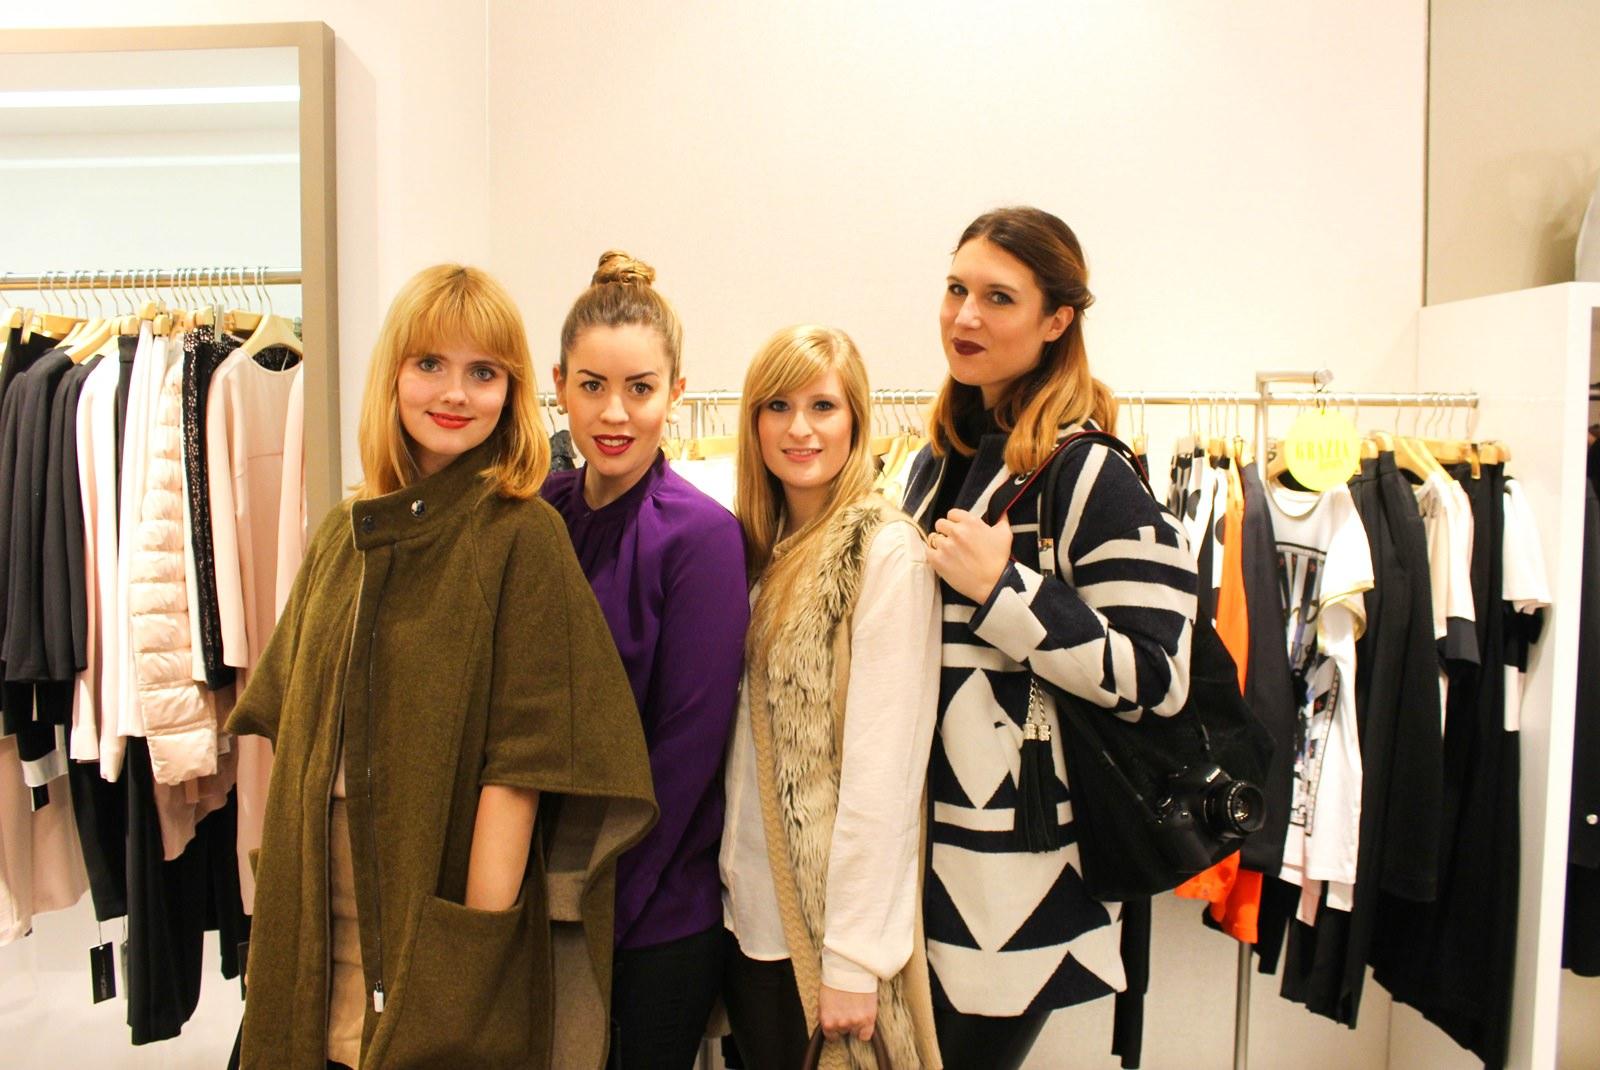 Gruppenfoto mit den Mädels: Emilie, Sabrina und Rabea